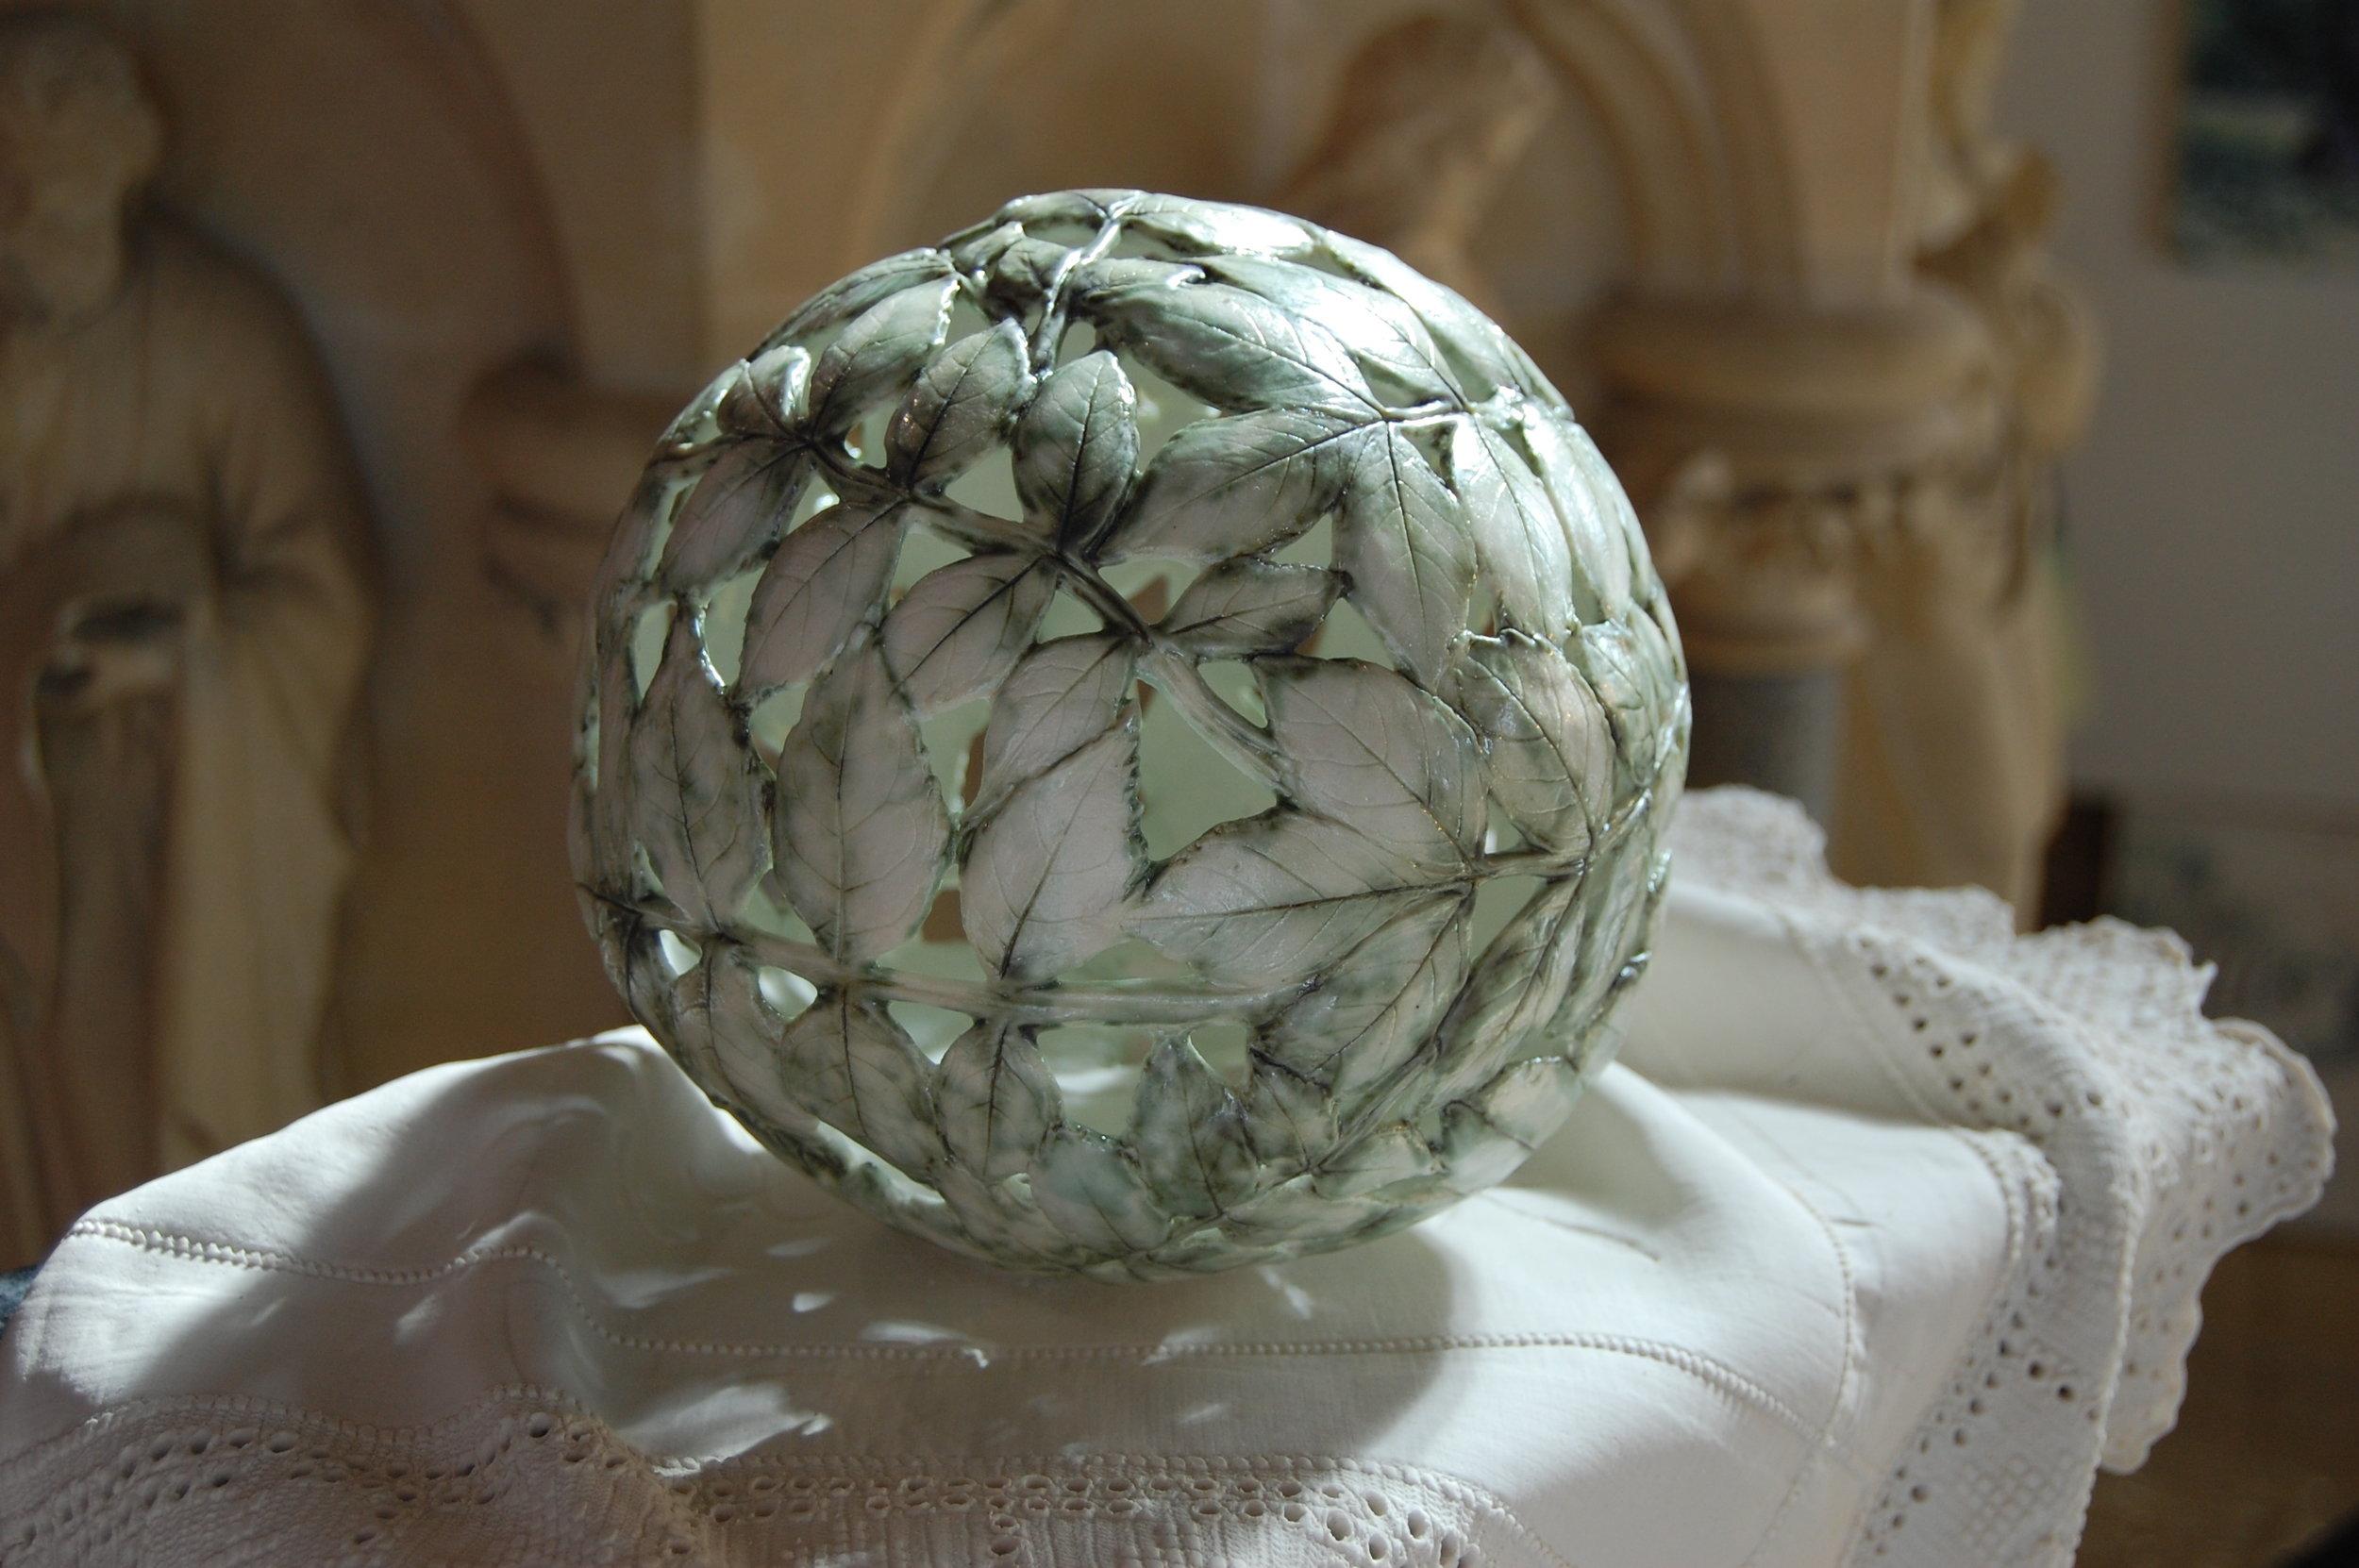 Fragile World I, porcelain